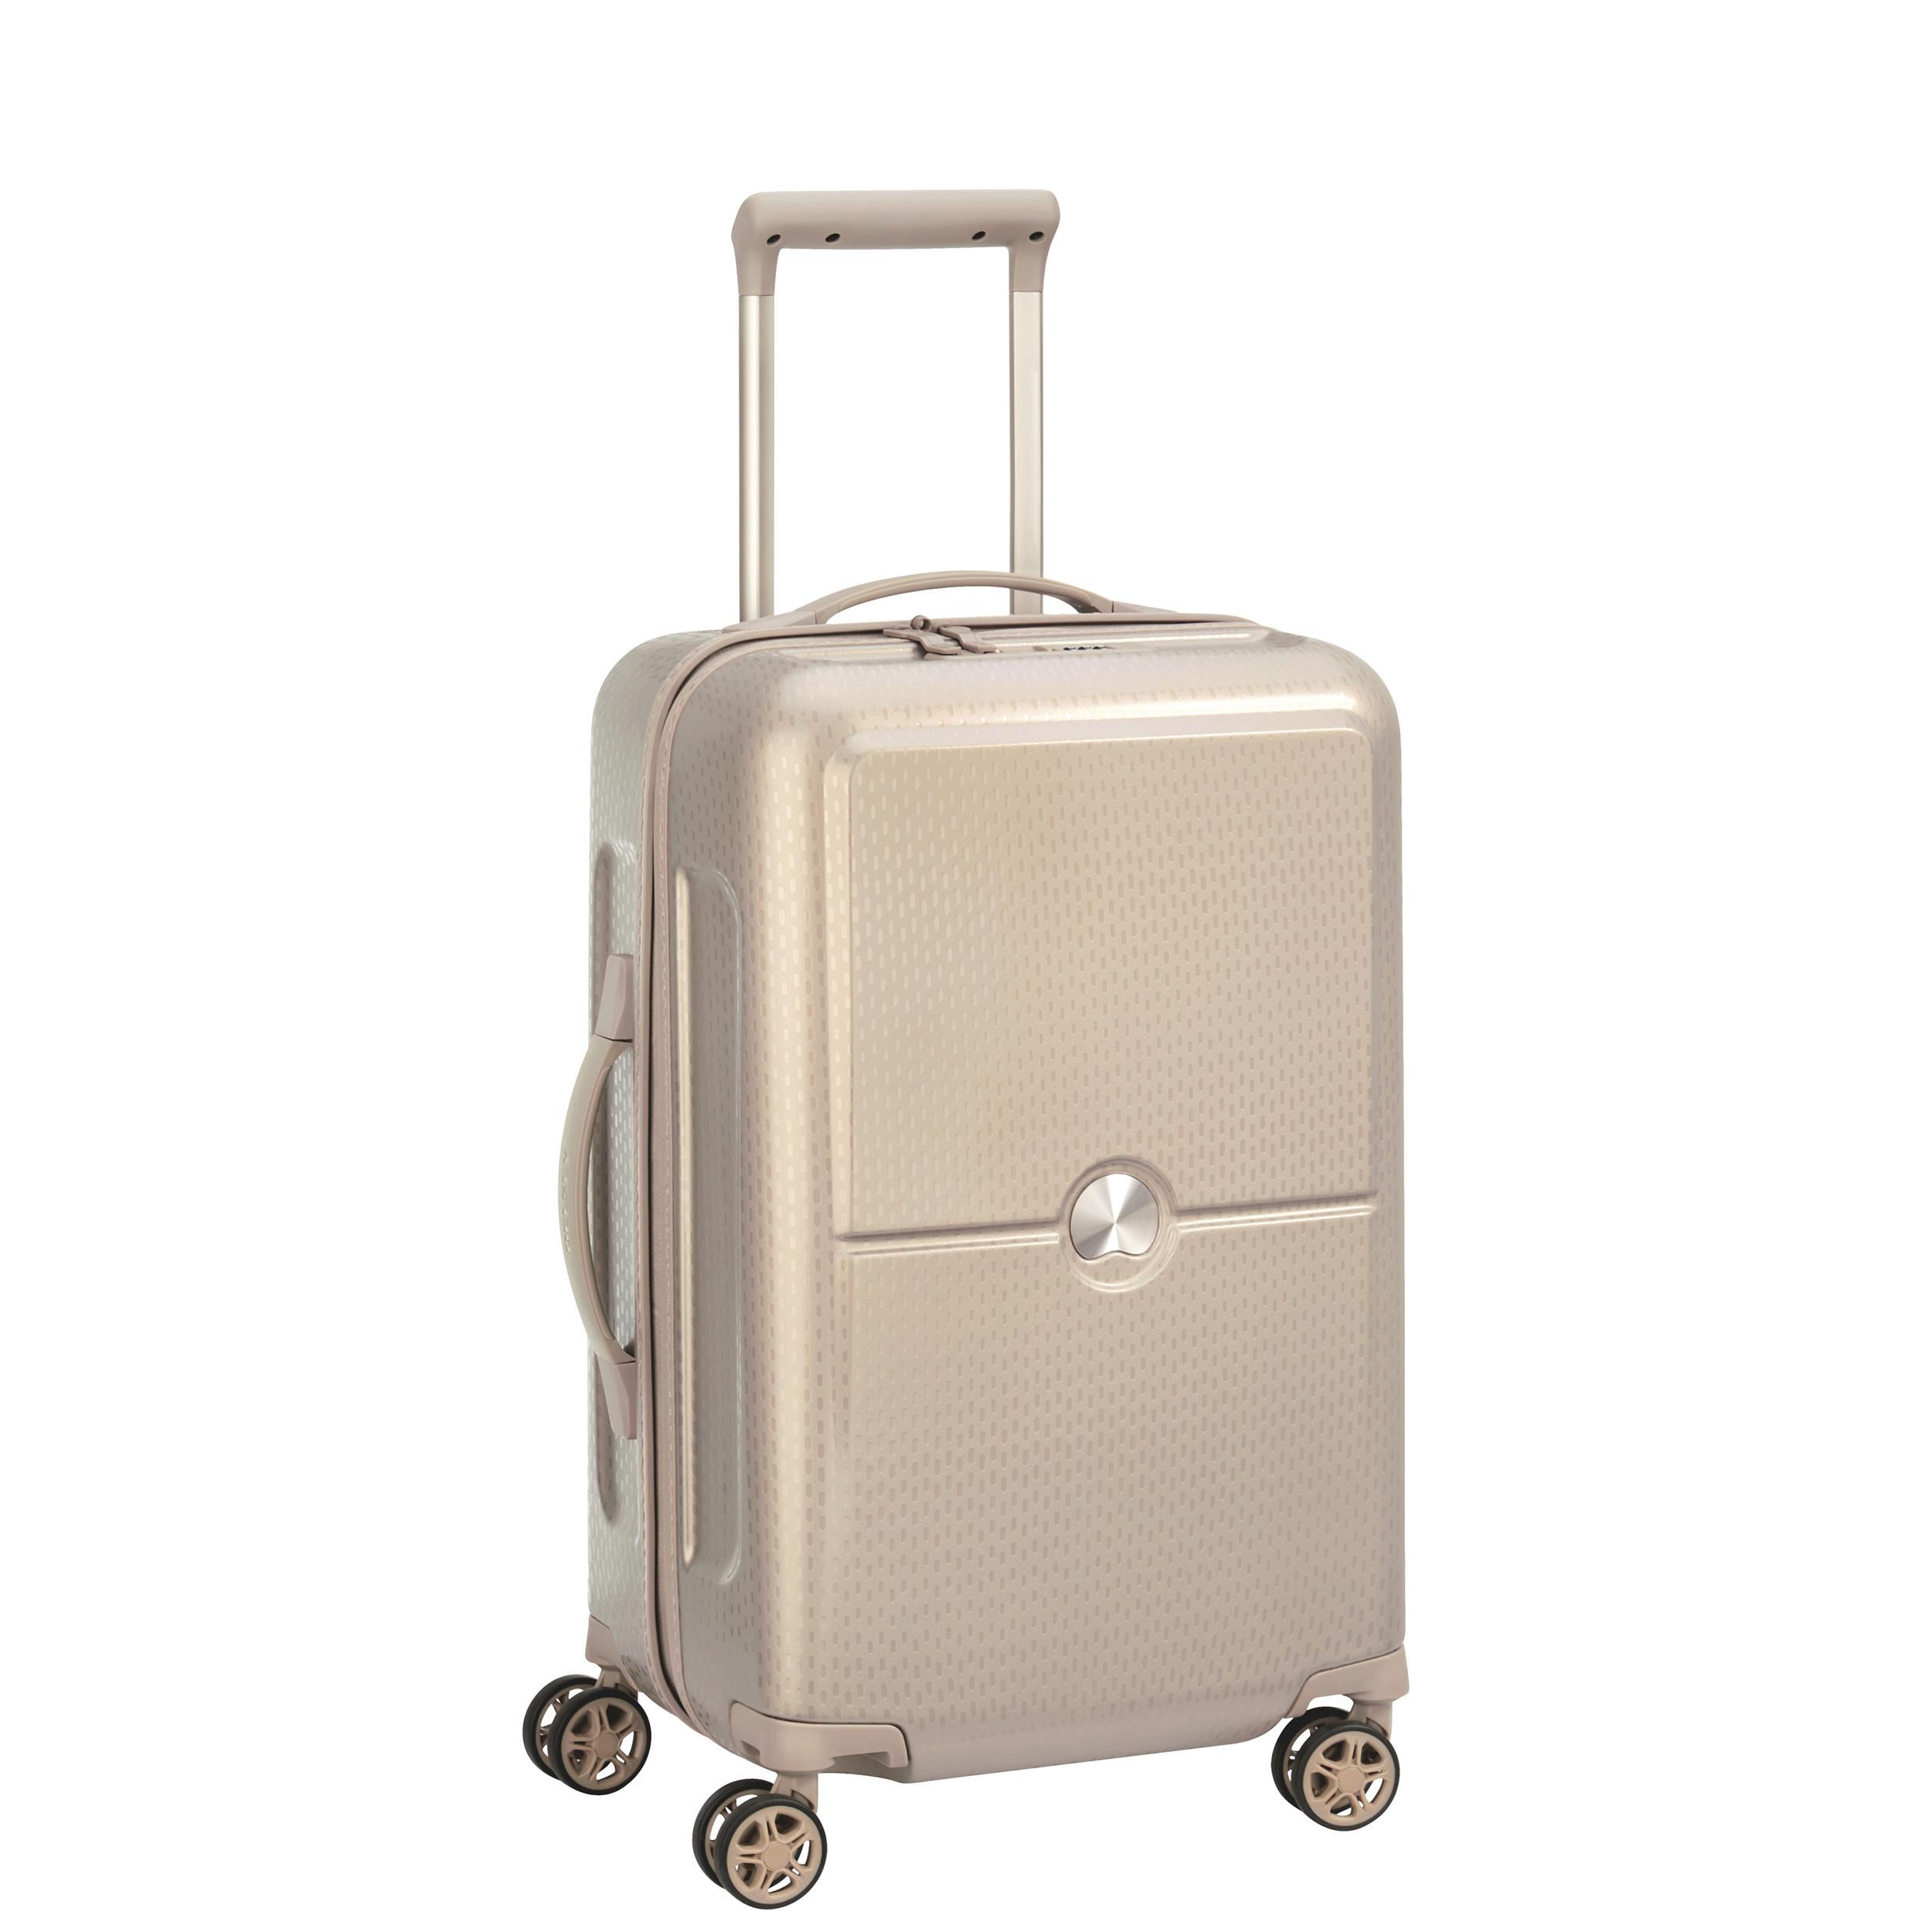 چمدان دلسی مدل TURENNE کد 1621801 سایز کوچک main 1 12